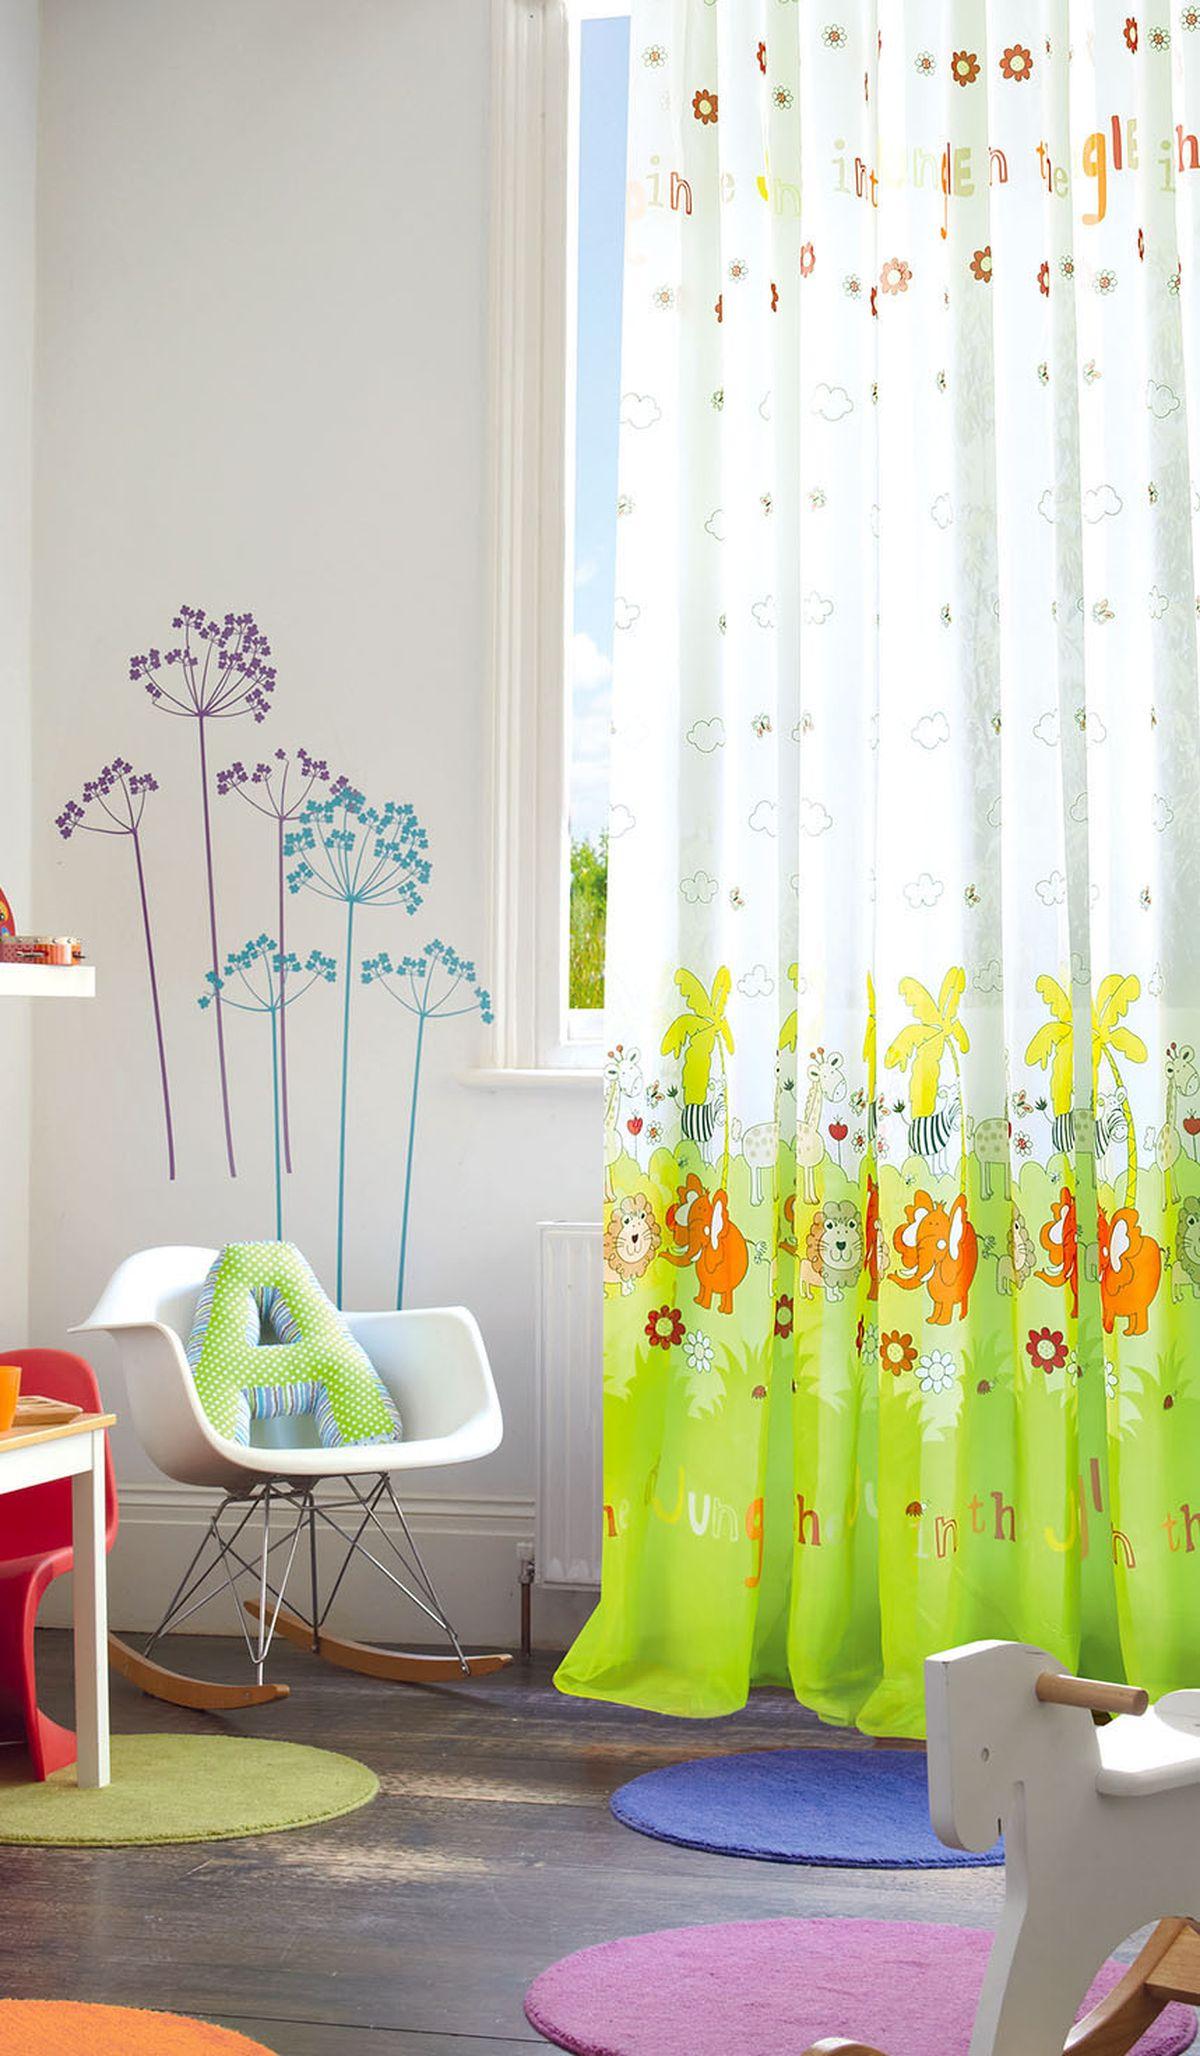 Штора готовая Garden, на ленте, цвет: зеленый , 300х270 см. С 9169 - W191 V8705547Изящная штора для детской комнаты Garden выполнена из легкой ткани с оригинальной структурой. Приятная текстура и цвет штор привлекут к себе внимание и органично впишутся в интерьер помещения. Штора крепится на карниз при помощи ленты, которая поможет красиво и равномерно задрапировать верх.